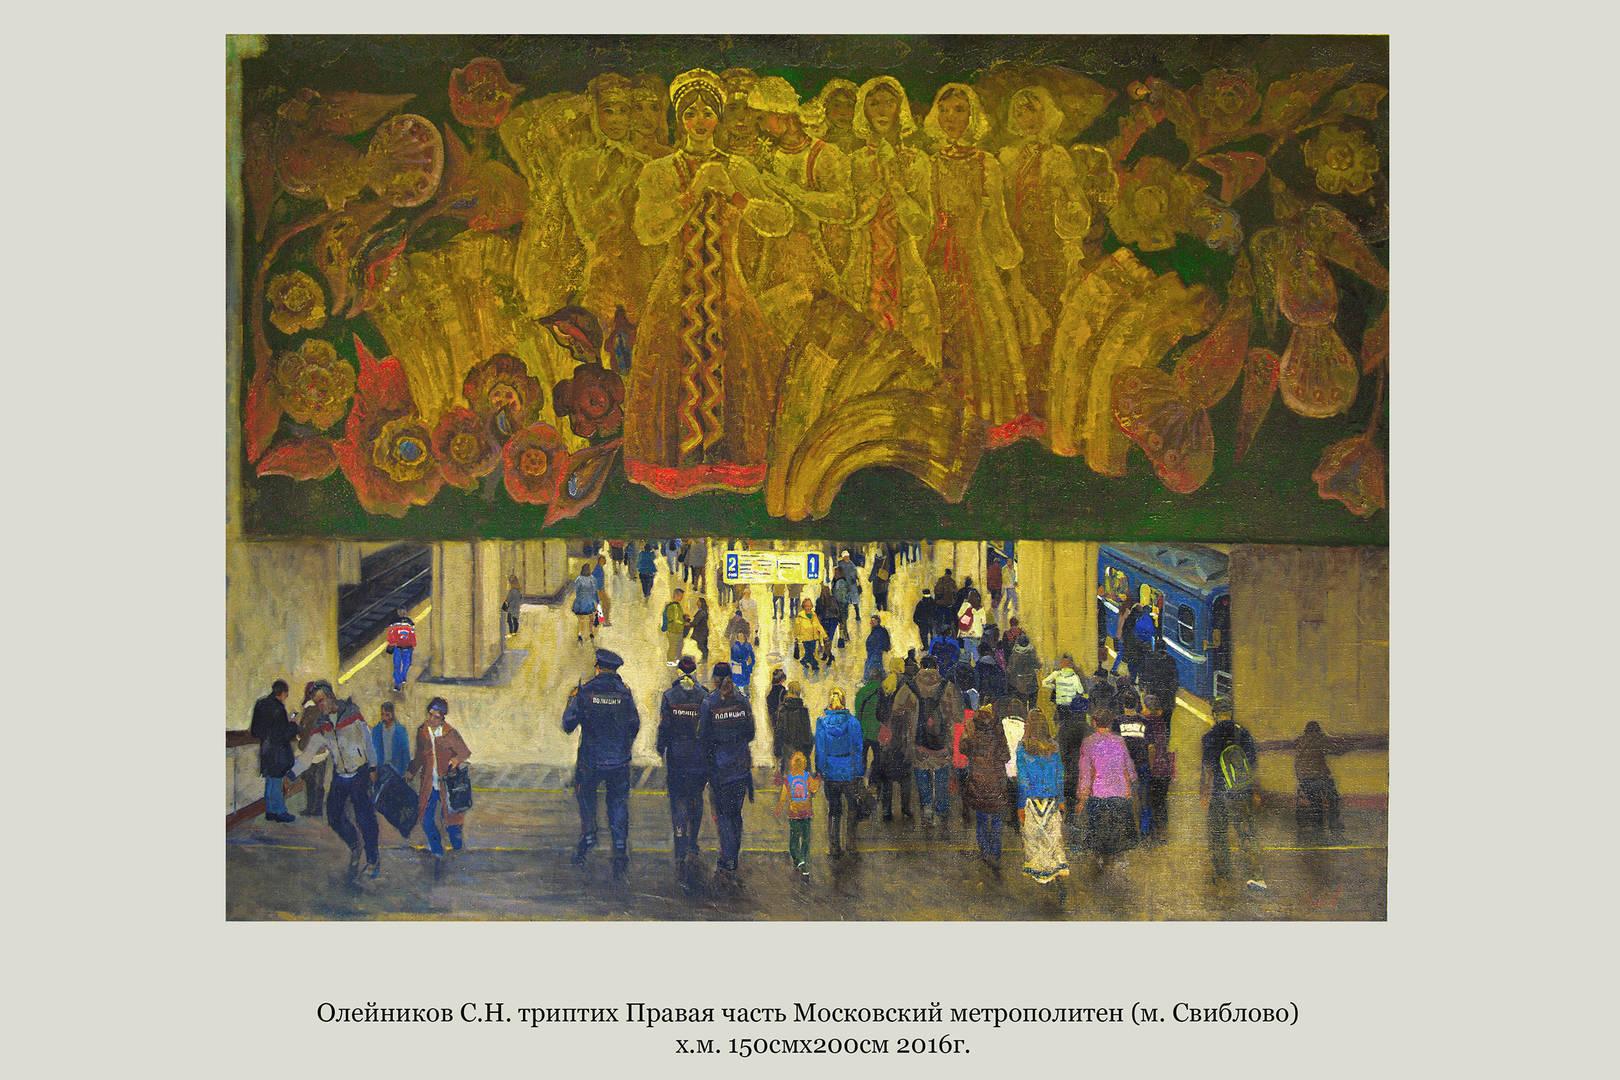 Олейников Сергей Николаевич. Московский метрополитен.